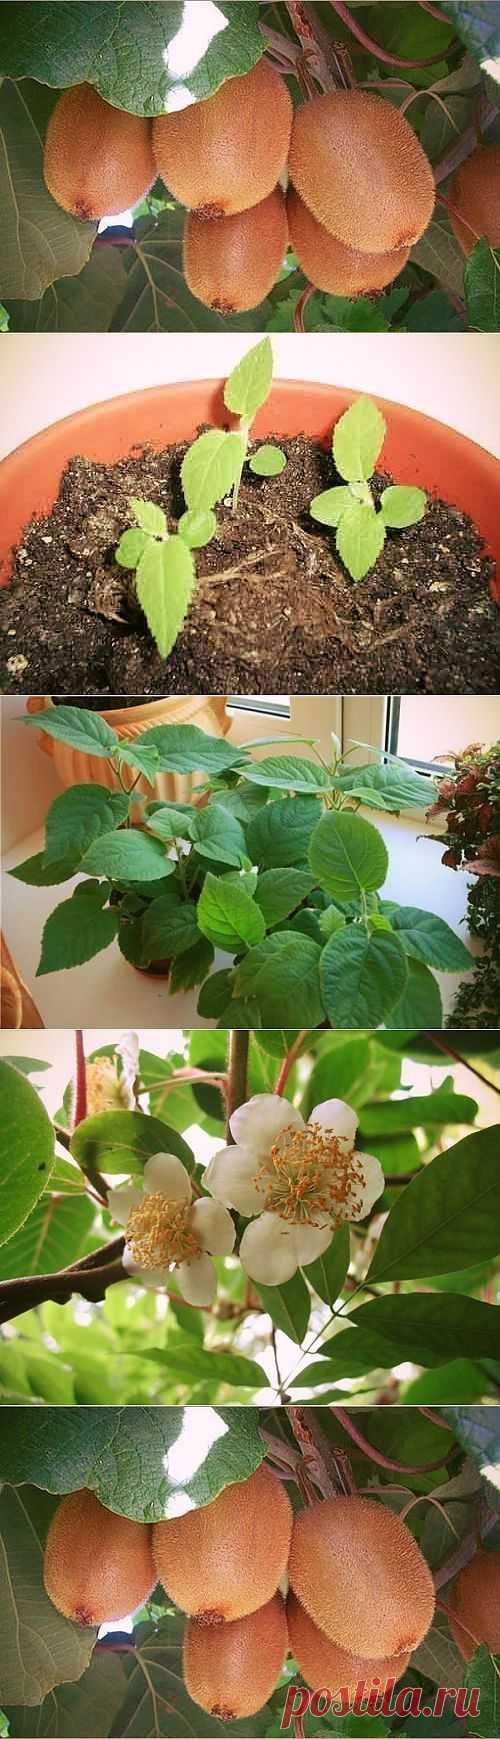 Выращиваем киви дома....